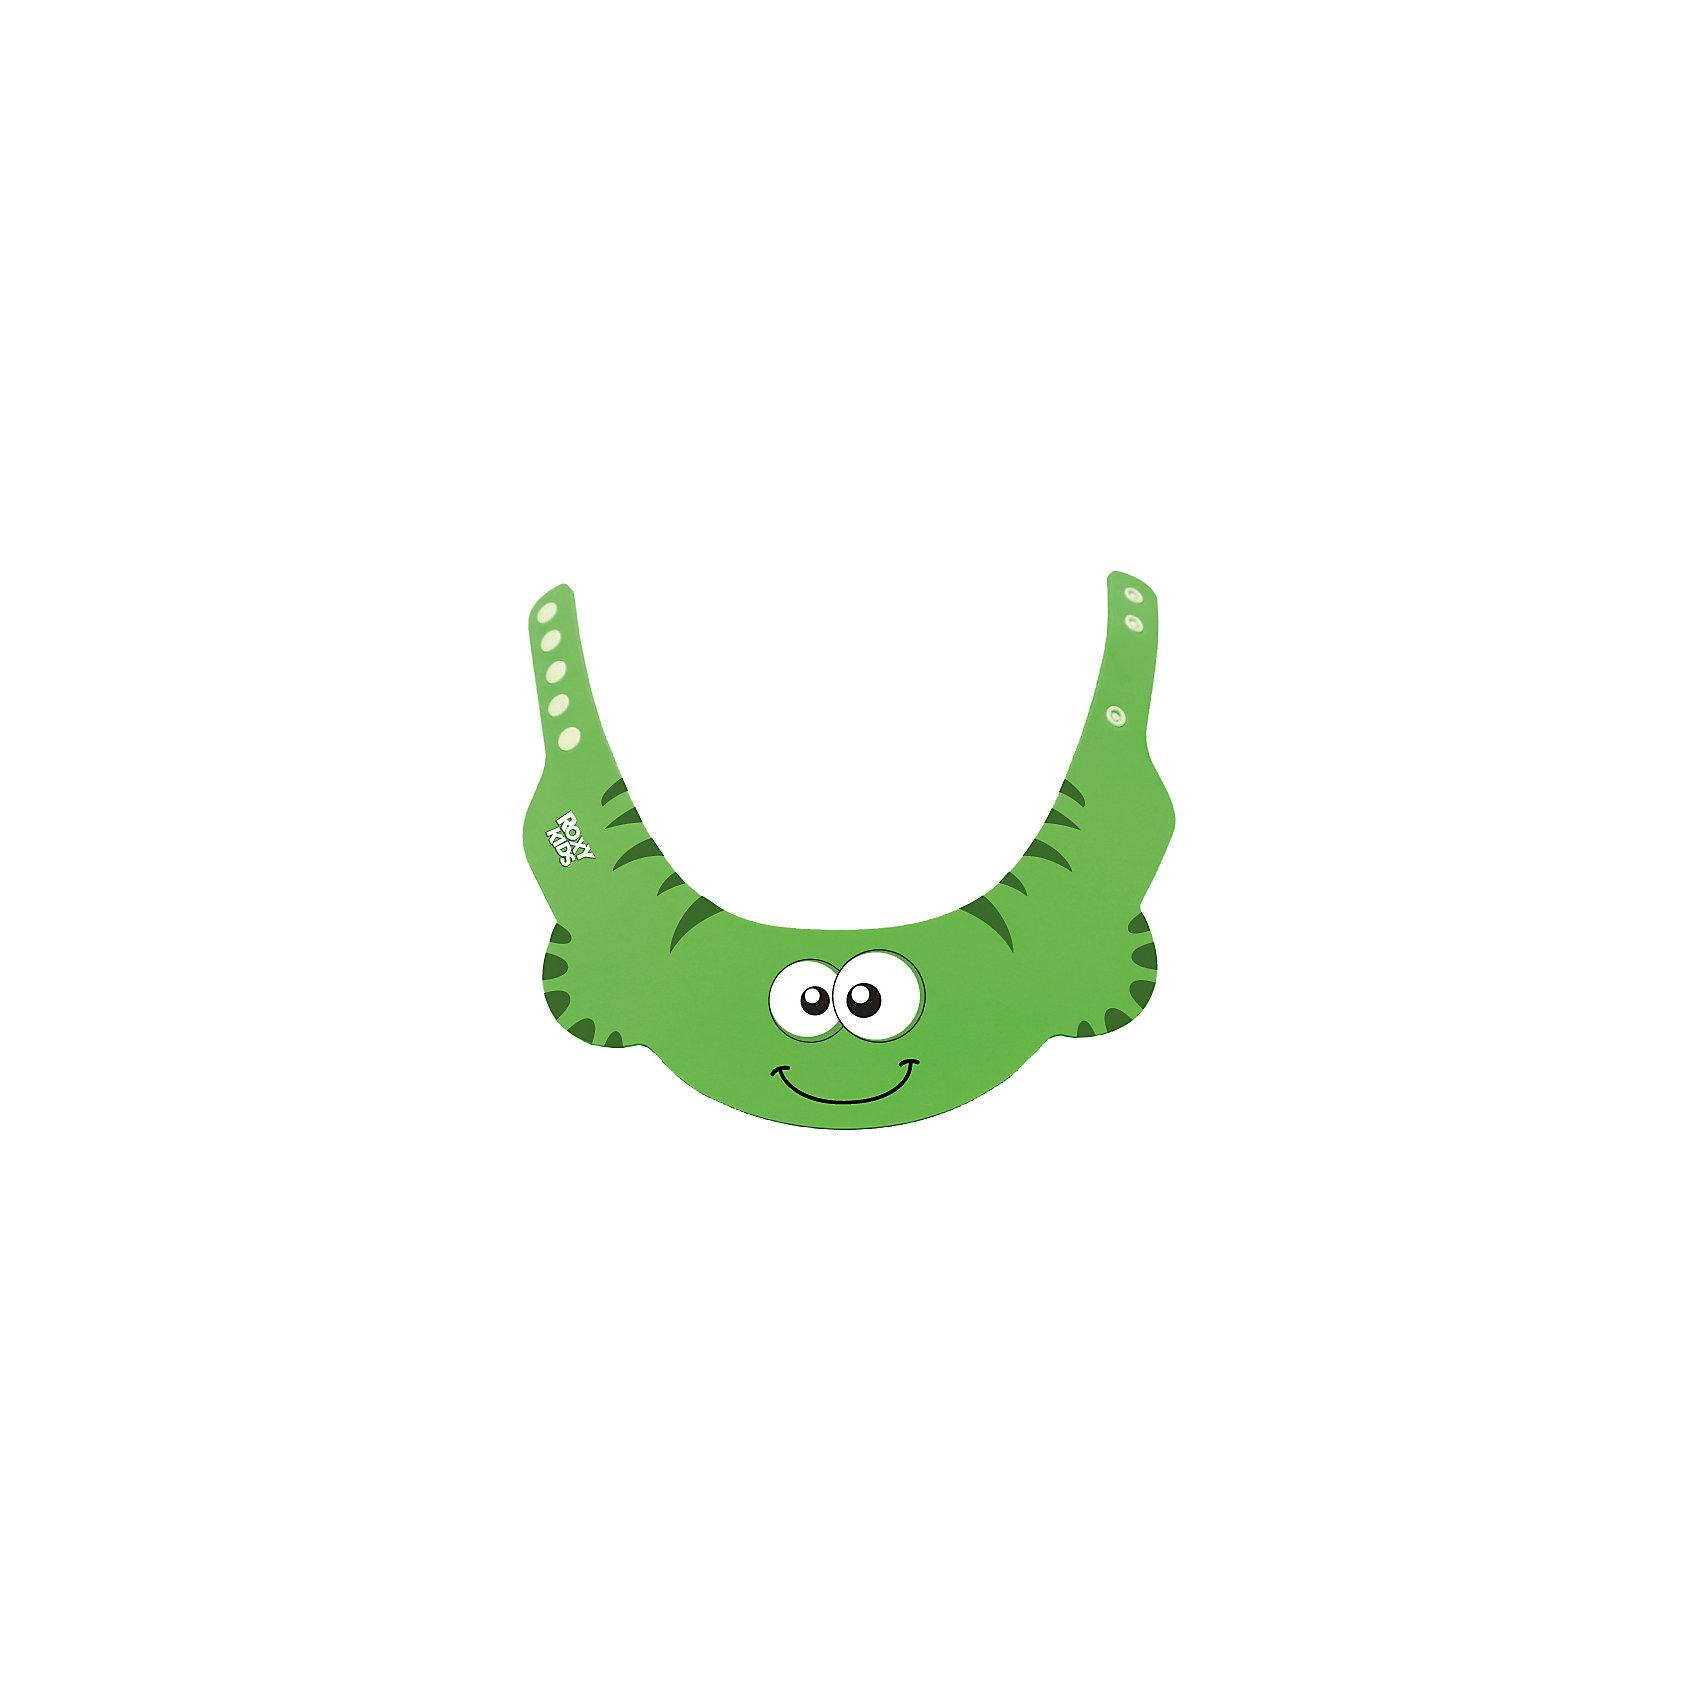 Защитный козырек для мытья головы, Roxy-Kids, зеленыйПрочие аксессуары<br>Защитный козырек  для мытья головы, Roxy-Kids (Рокси-Кидс), зеленый для купания малышей  защитит глазки от мыла и шампуня. Наденьте его на голову ребенка так, чтобы волосы остались над полями козырька. Козырек имеет 3 удобные застежки-кнопки и забавный дизайн, что очень понравится малышу.<br><br>Дополнительная информация:<br>-Цвет: зеленый <br>-Материал: пластик<br>-Вес в упаковке: 50 г<br>-Размеры в упаковке (ДхШхВ): 300х250х5 мм<br><br>Надев козырек Рокси-Кидс на голову ребенка, шампунь не попадет ему в глаза, нос и уши, и Вы избавите малыша от неприятных моментов во время купания.<br><br>Защитный козырек  для мытья головы, Roxy-Kids (Рокси-Кидс), зеленый можно купить в нашем магазине.<br><br>Ширина мм: 300<br>Глубина мм: 250<br>Высота мм: 5<br>Вес г: 50<br>Цвет: зеленый<br>Возраст от месяцев: 6<br>Возраст до месяцев: 2147483647<br>Пол: Унисекс<br>Возраст: Детский<br>SKU: 4026286